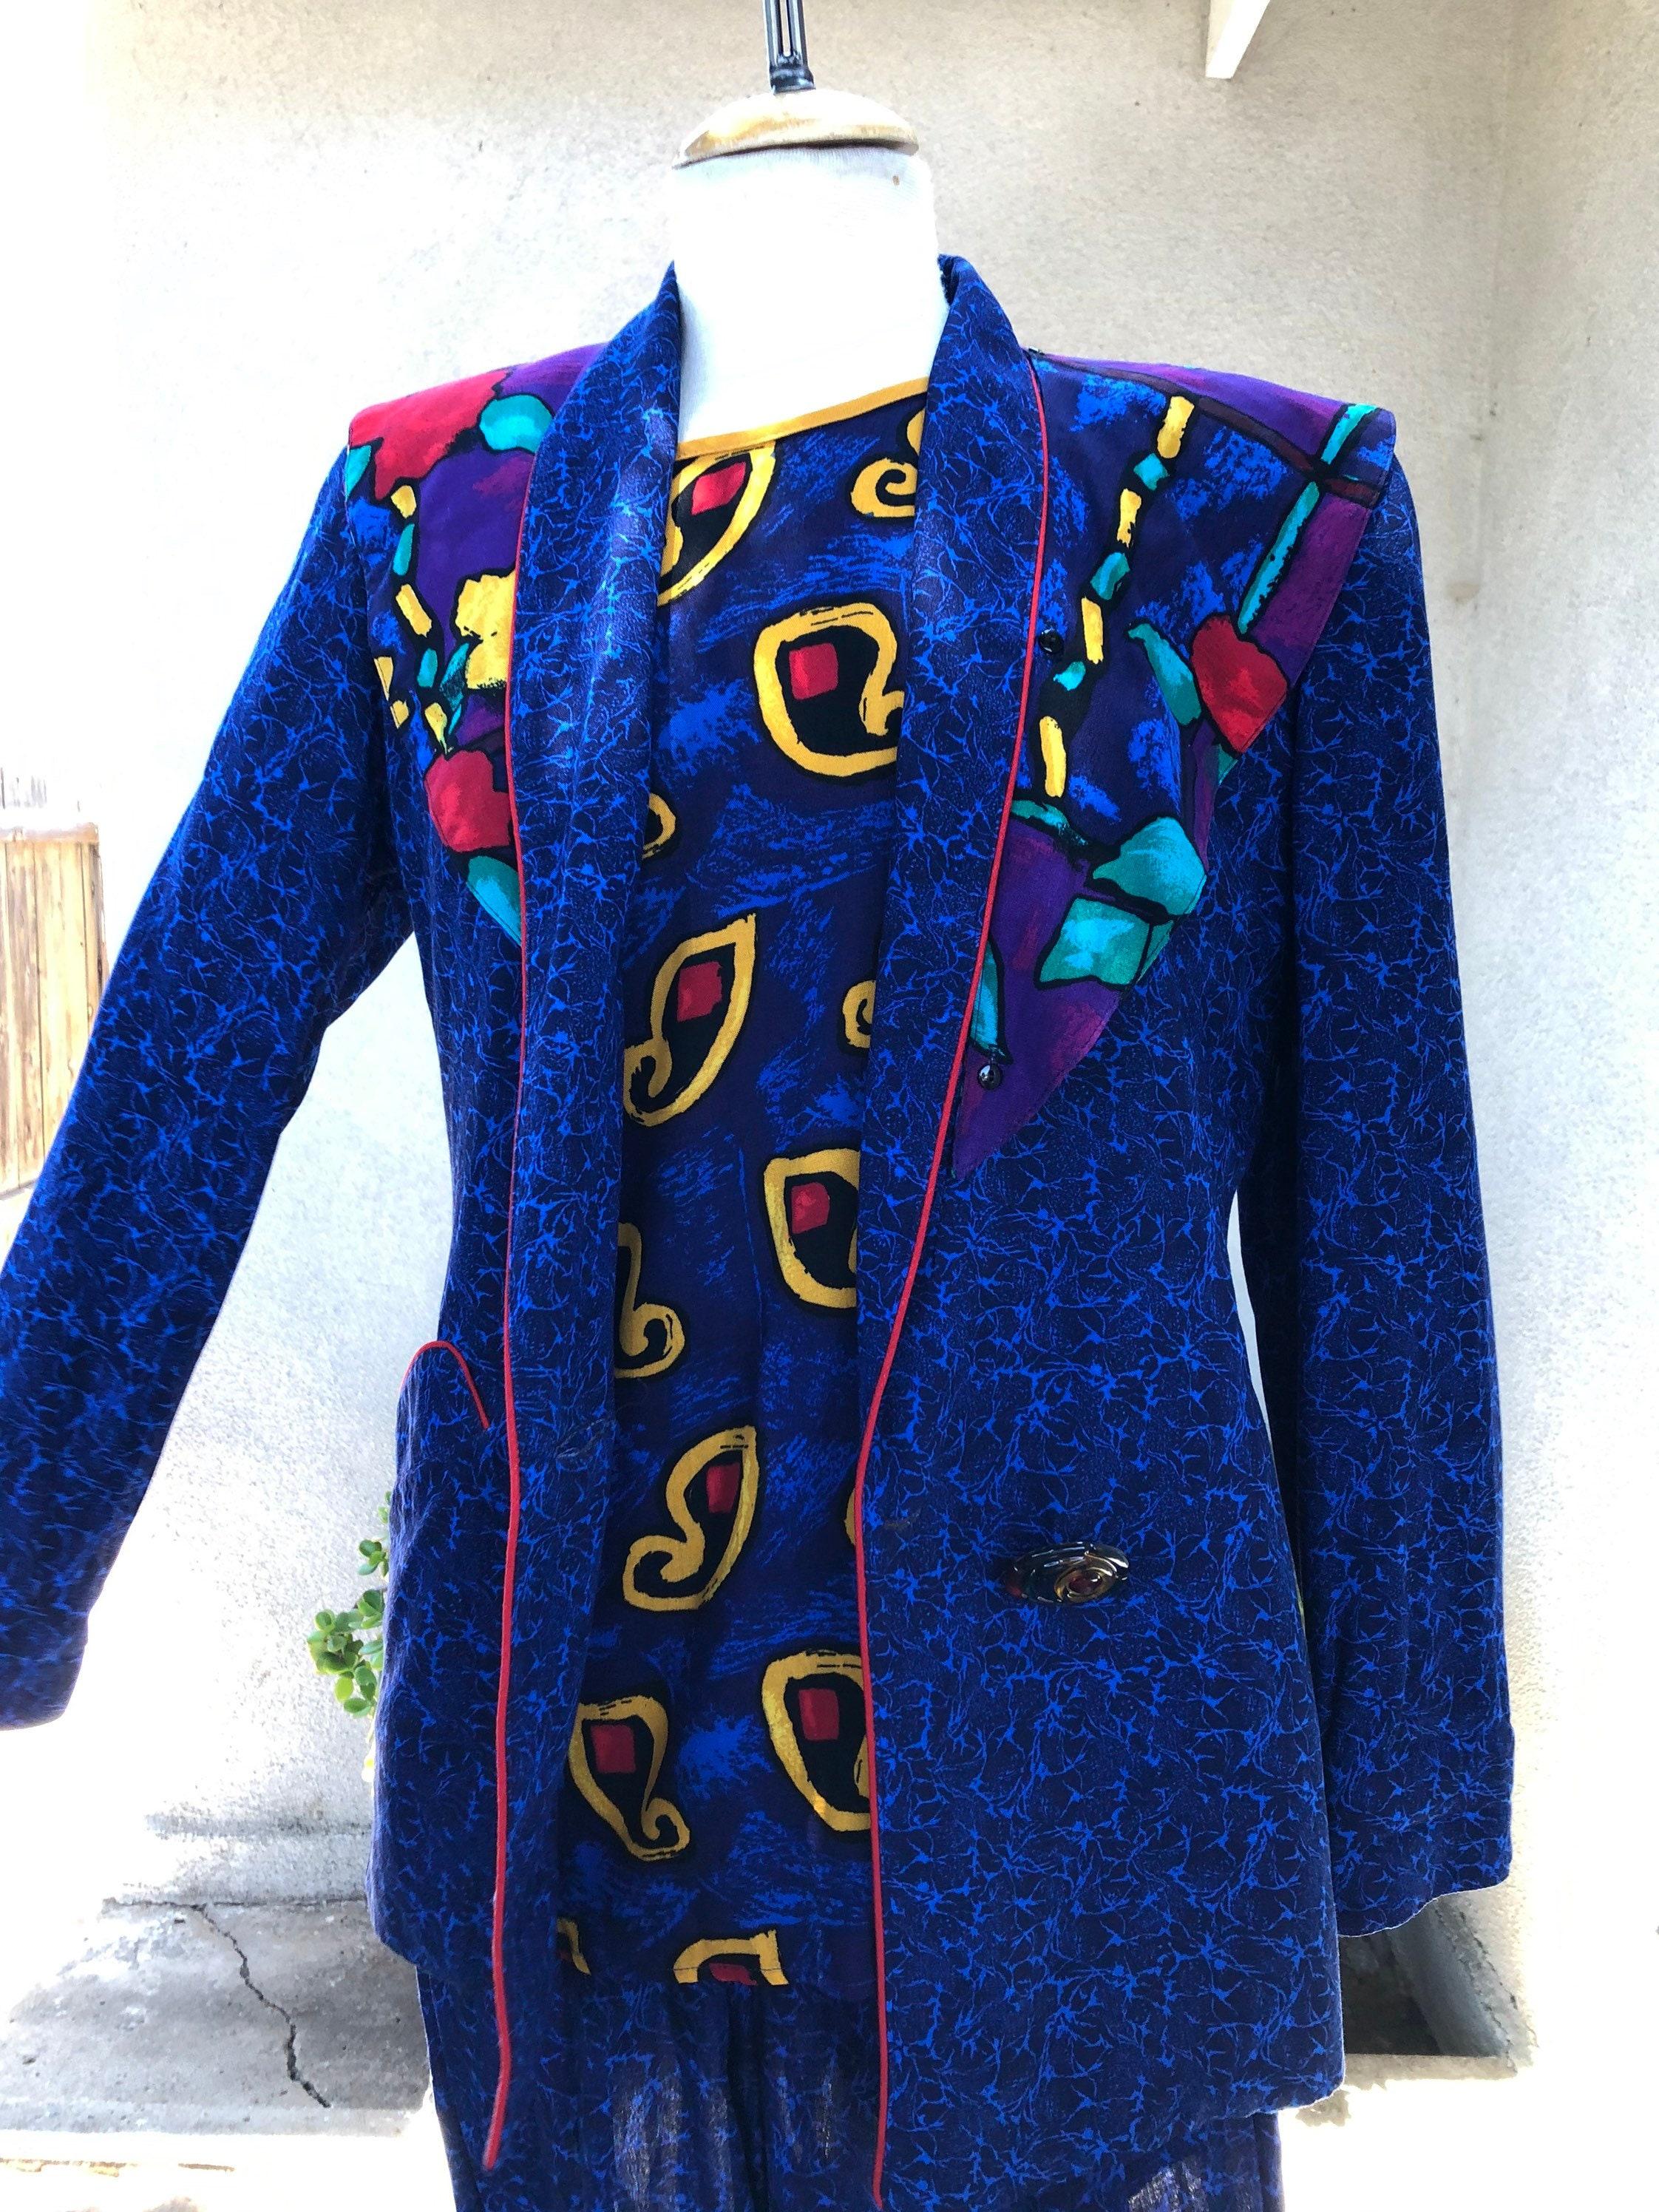 Vintage Scarf Styles -1920s to 1960s Vintage Platinum By Dorothy Schoelen 1980S Pants Suit Blazer Top Pant Blues Multi Colors Sz 4P $125.00 AT vintagedancer.com